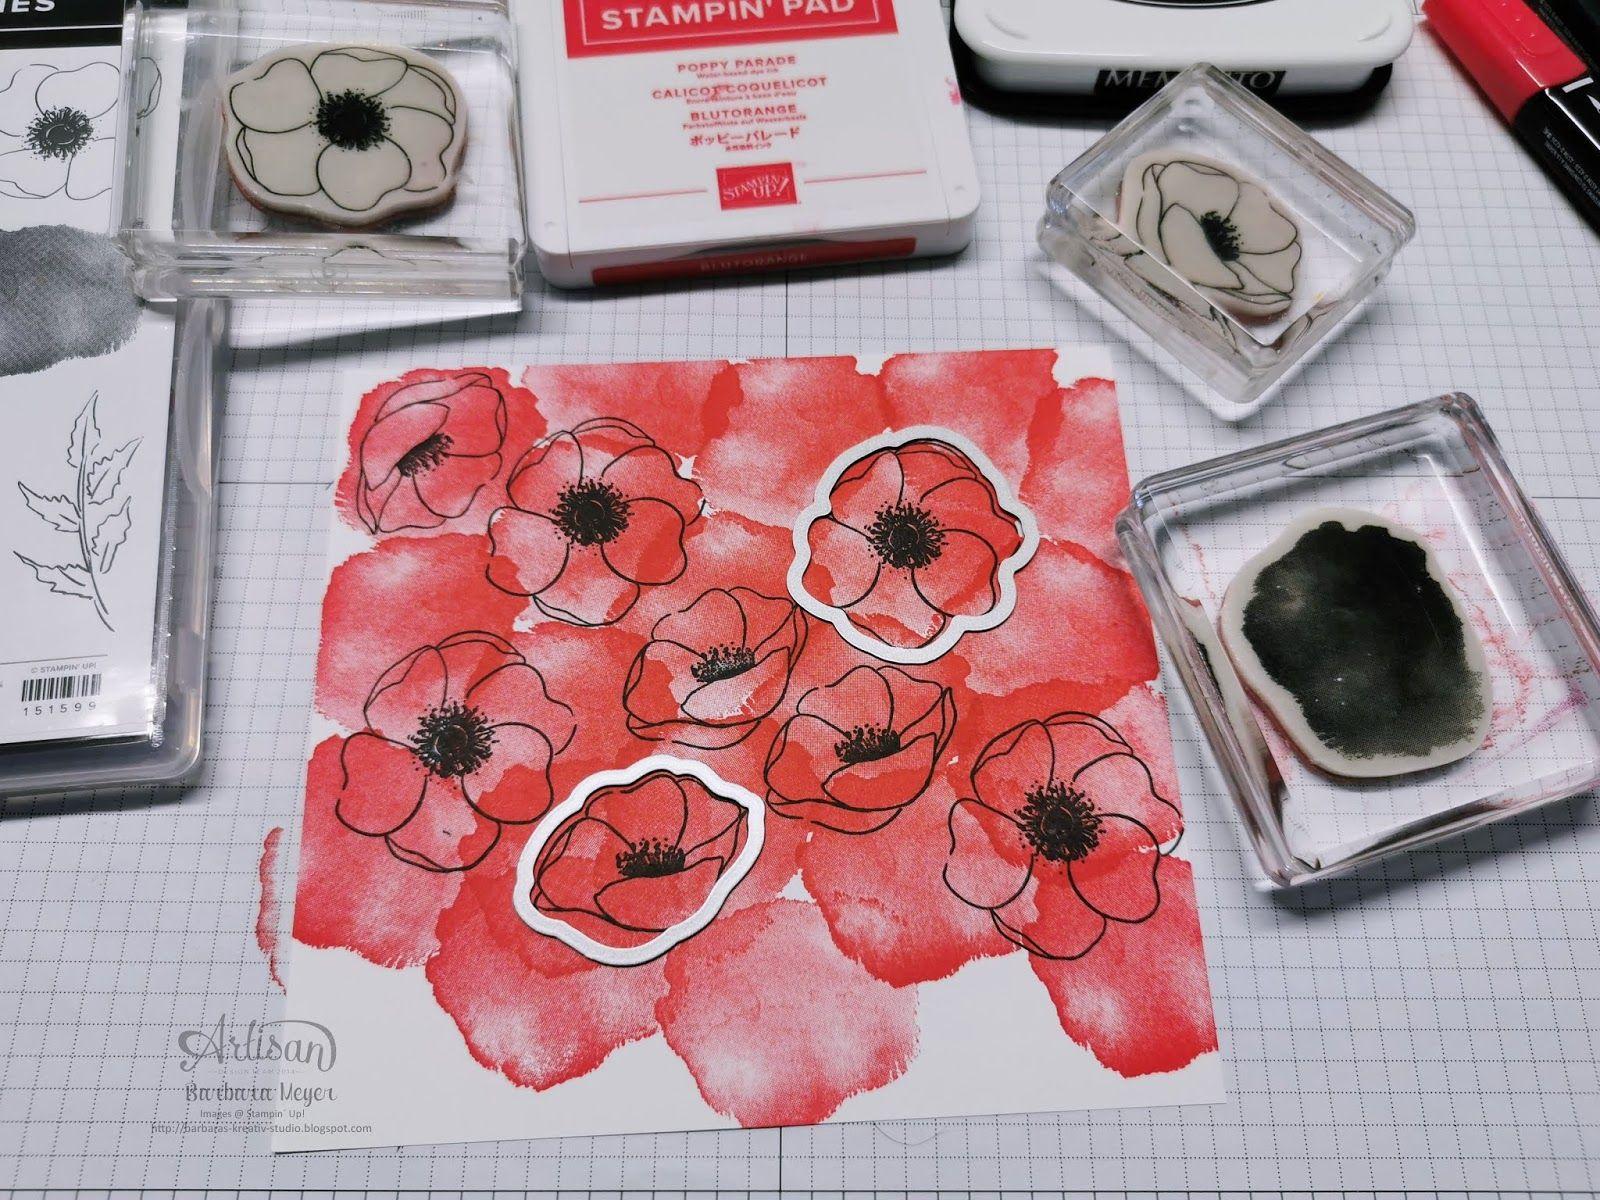 Https 1 Bp Blogspot Com Rhcquhlkyvw Xh72qupahsi Aaaaaaaateu Dukzaxszfwwwlpakqmes02ap Honrlqoqclcbgasyhq S1600 Img 20200108 1 In 2020 Poppy Flower Stampin Up Poppies